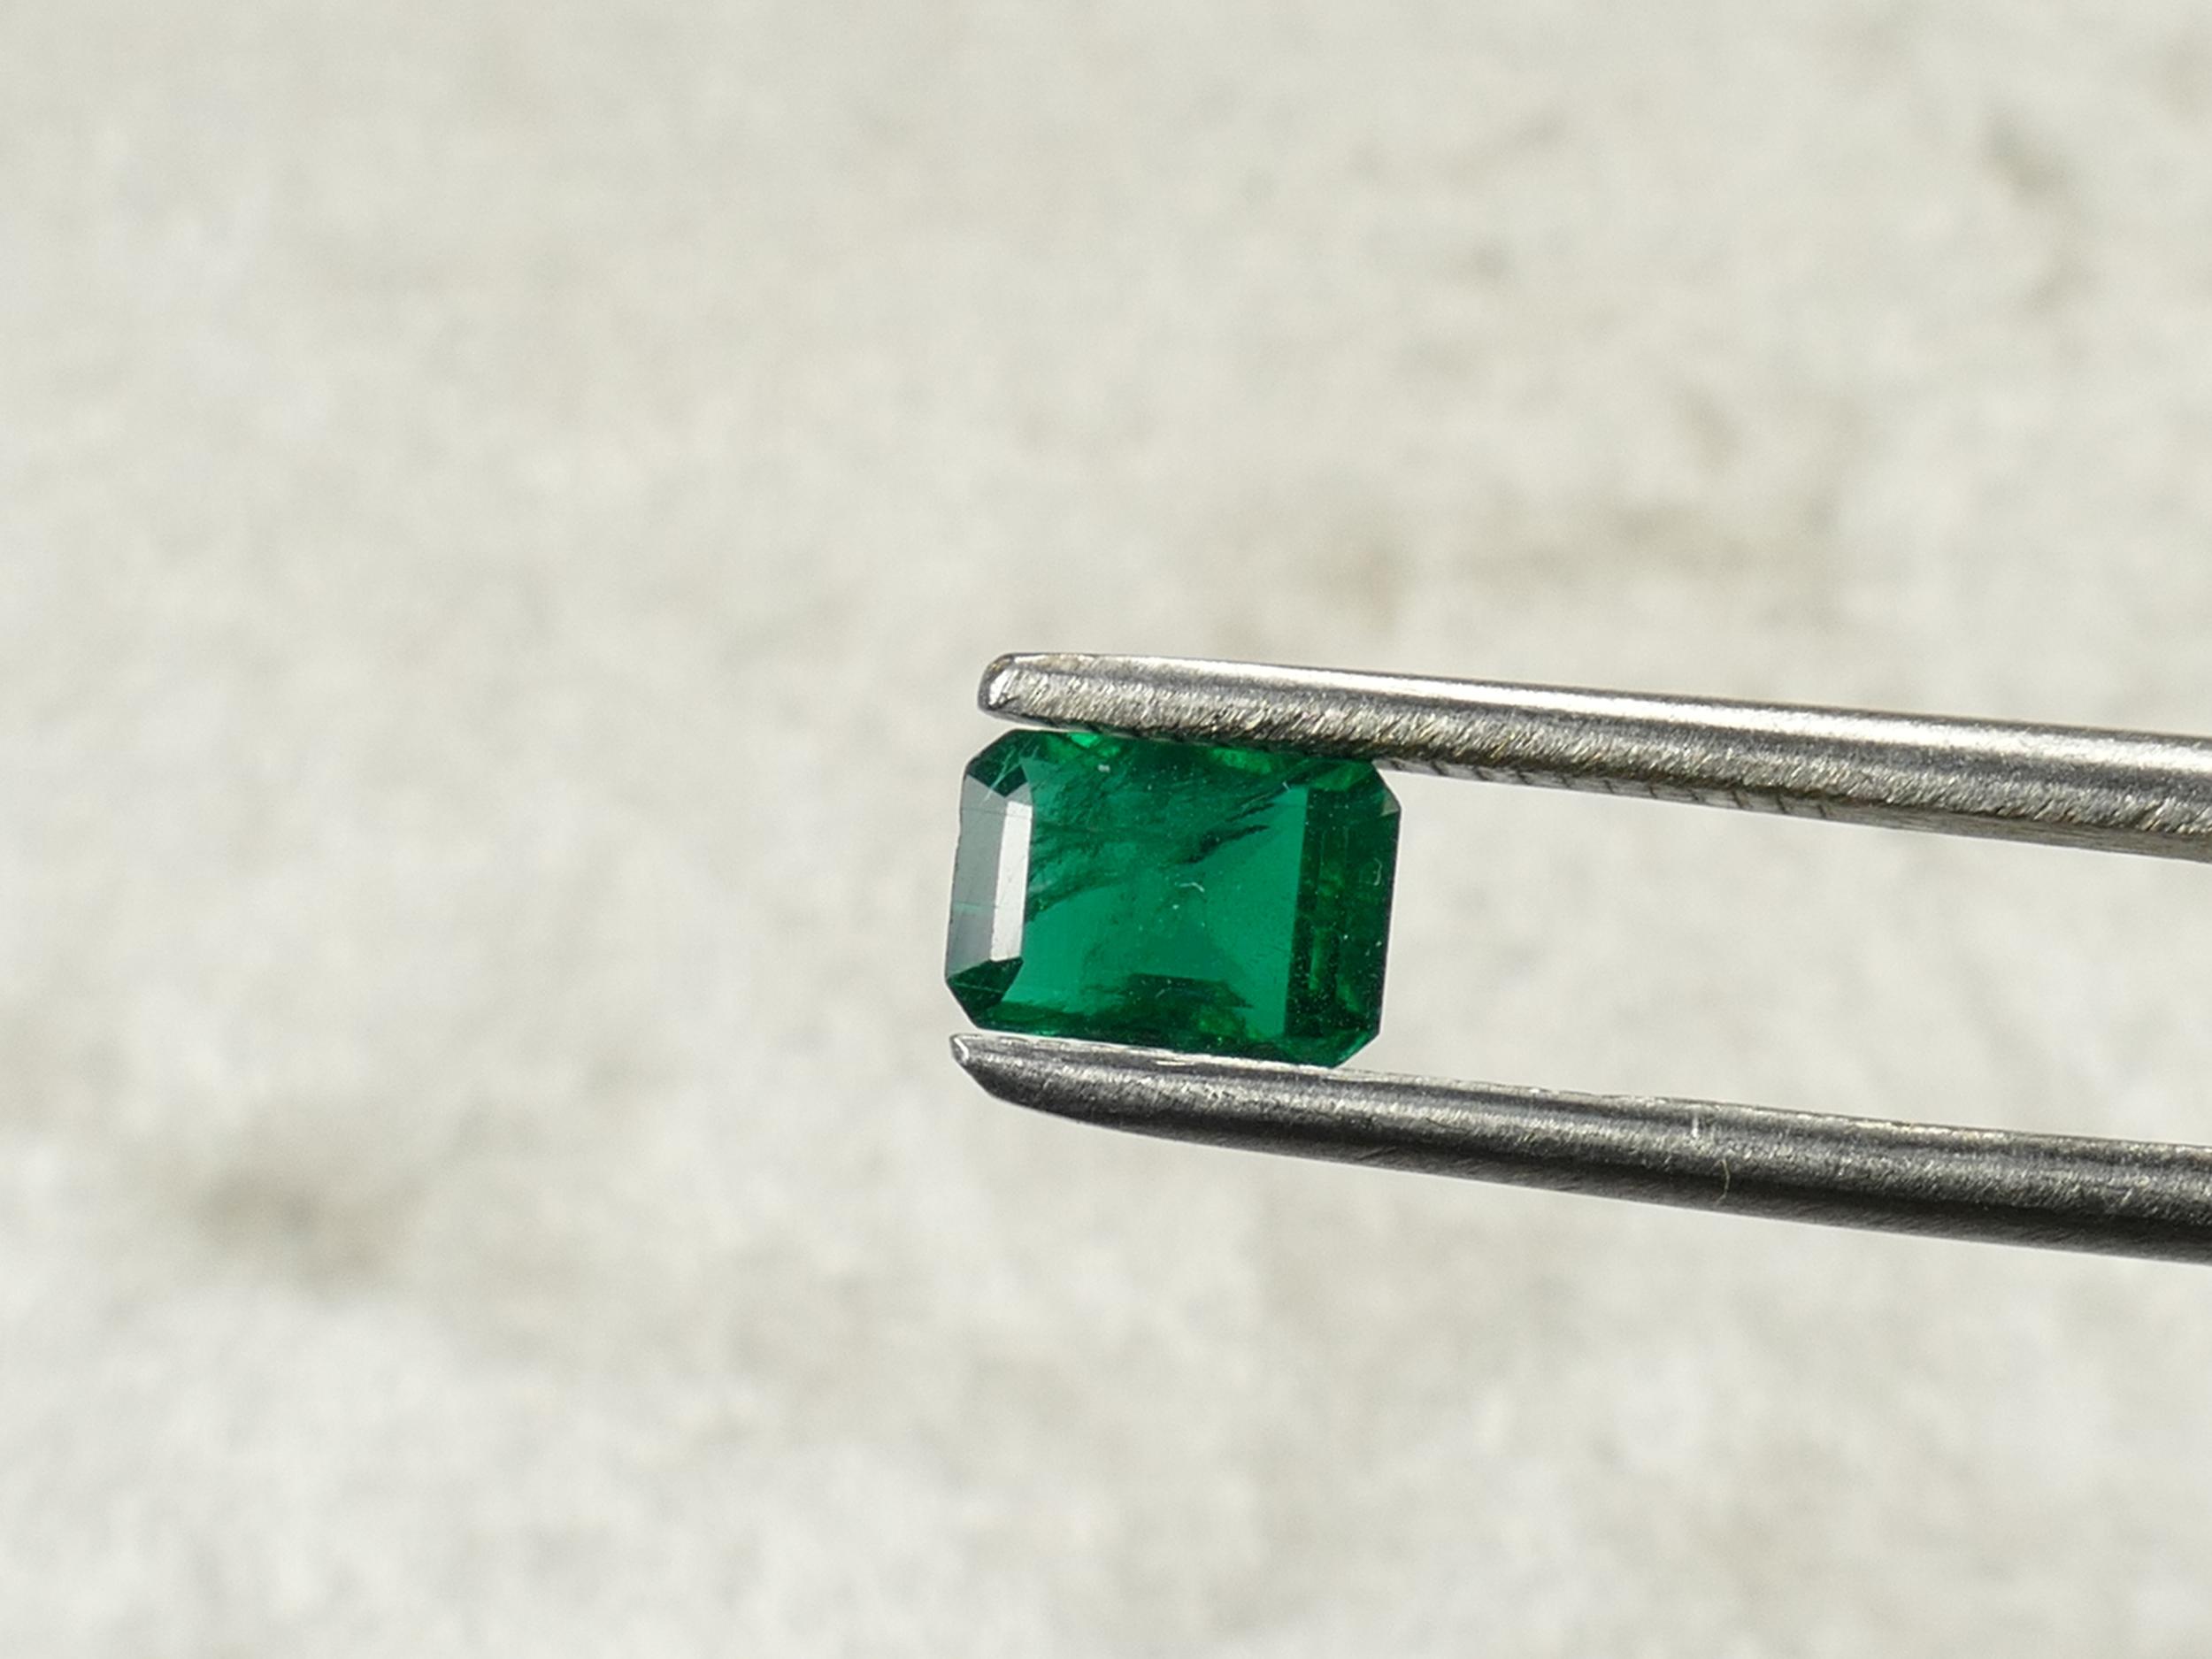 6.4x4.5mm Emeraude naturelle taillée émeraude 0.99ct de Zambie vert très intense certifiée (#PM66)